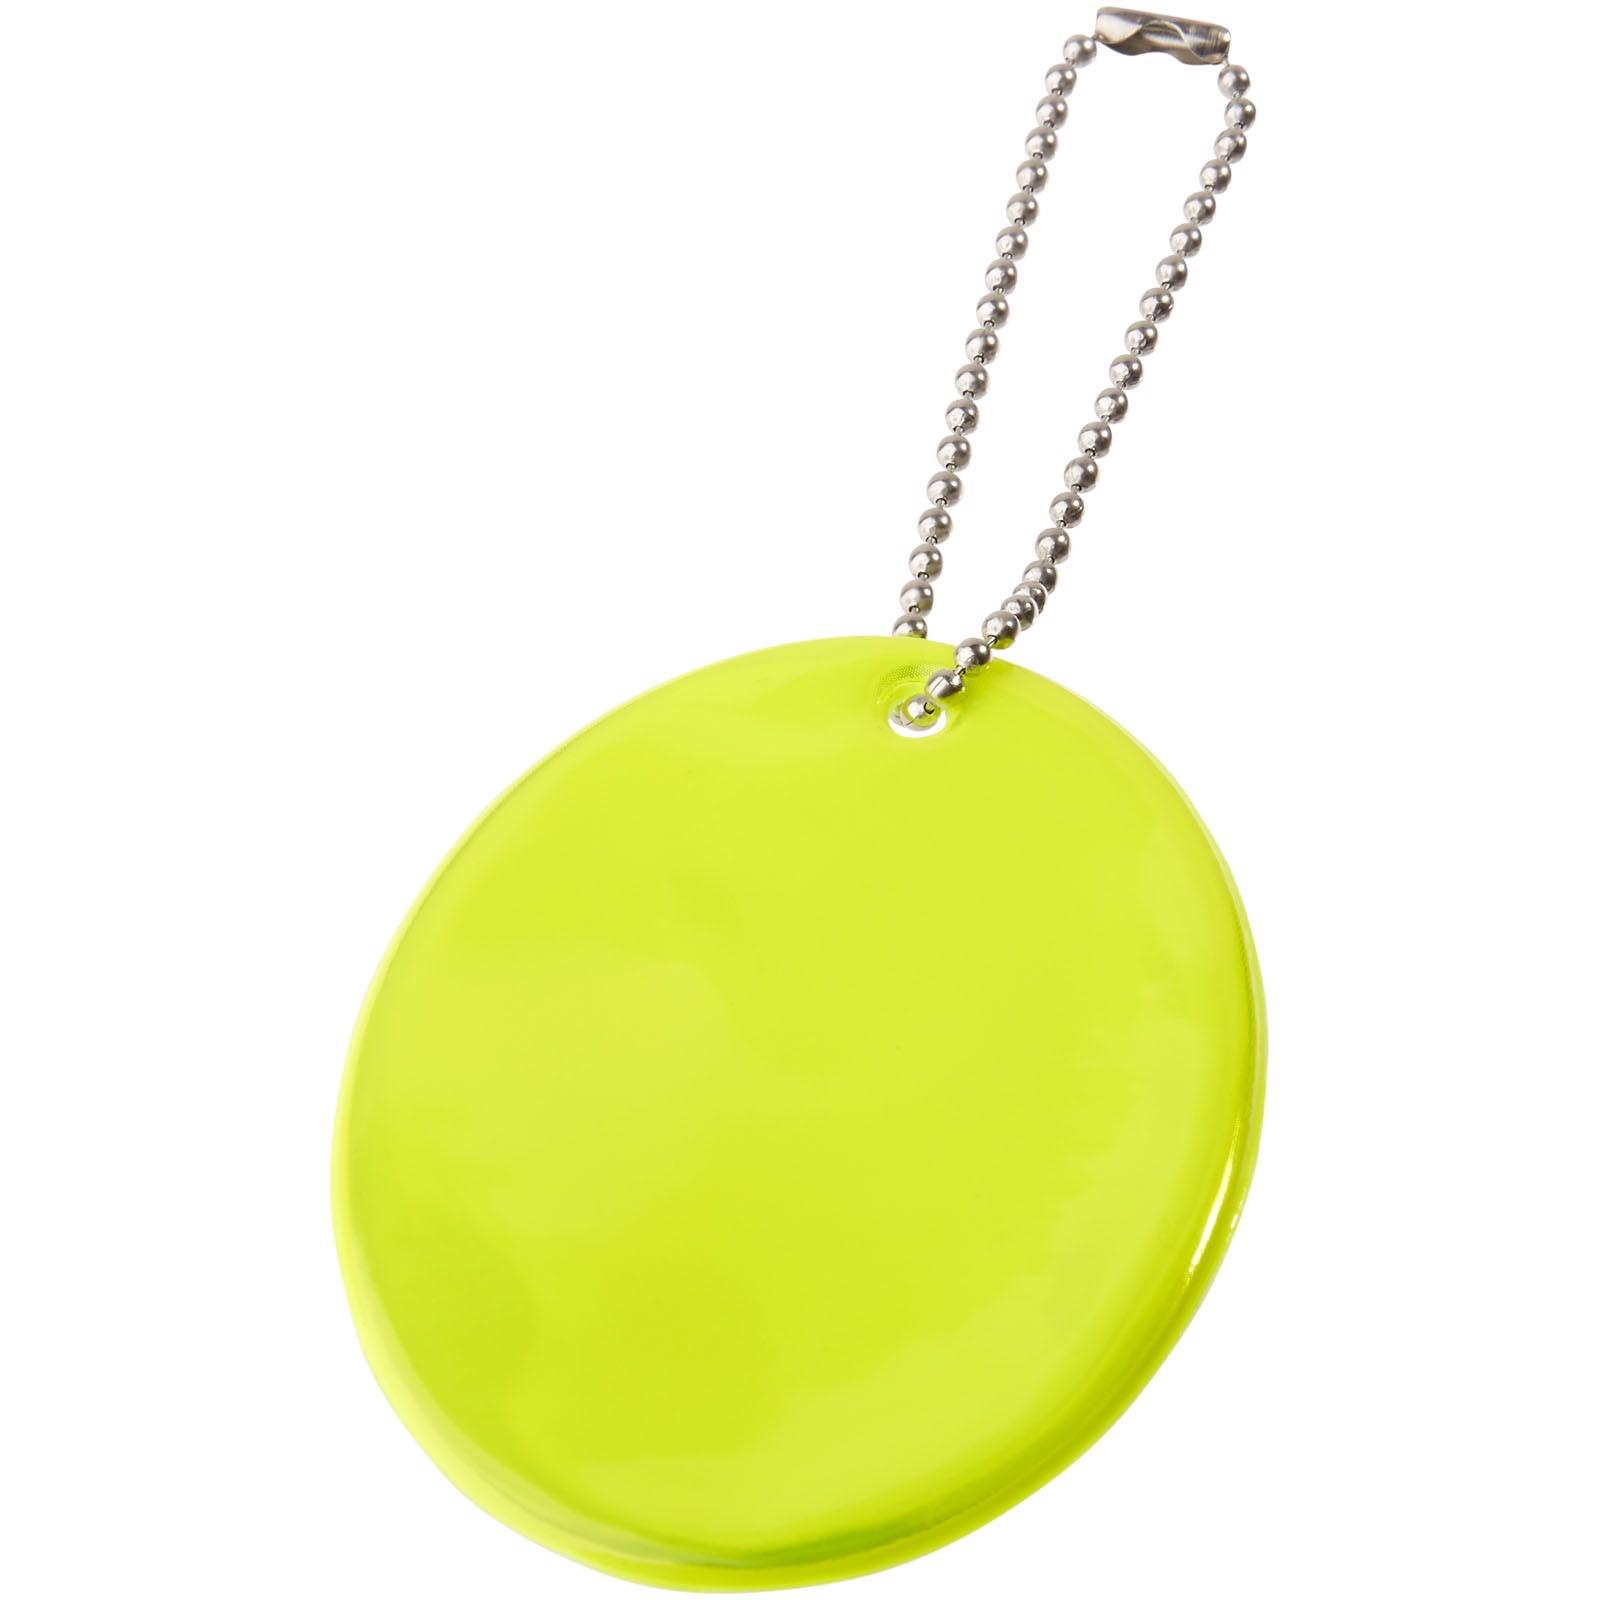 Reflective hanger oval - Yellow